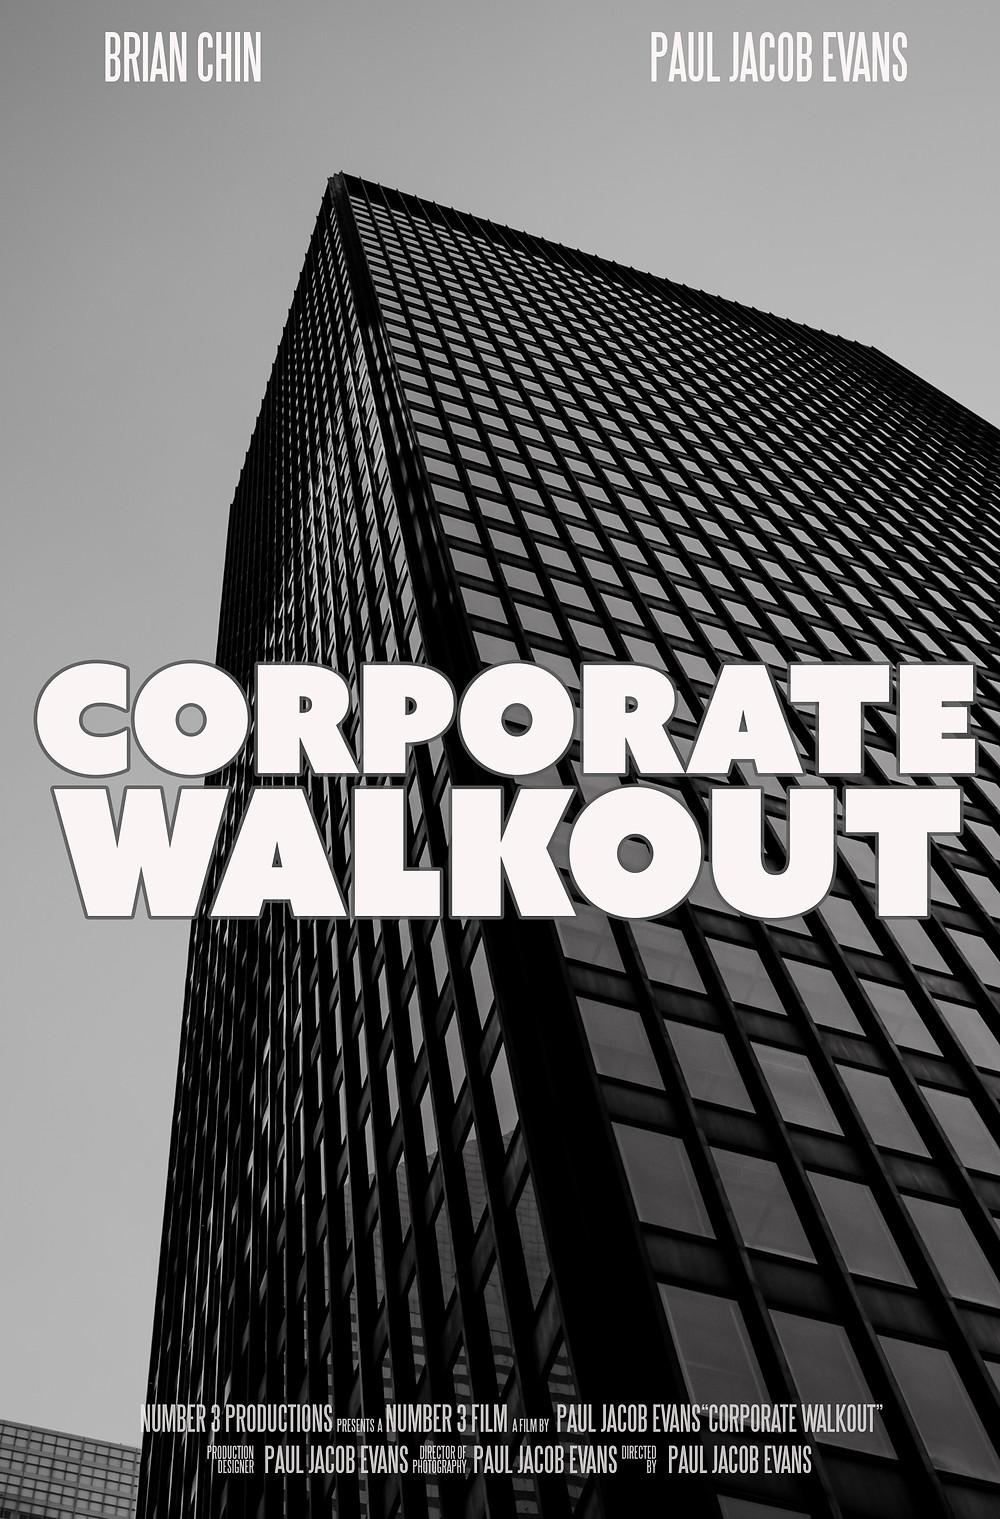 Paul Jacob Evans | Corporate Walkout